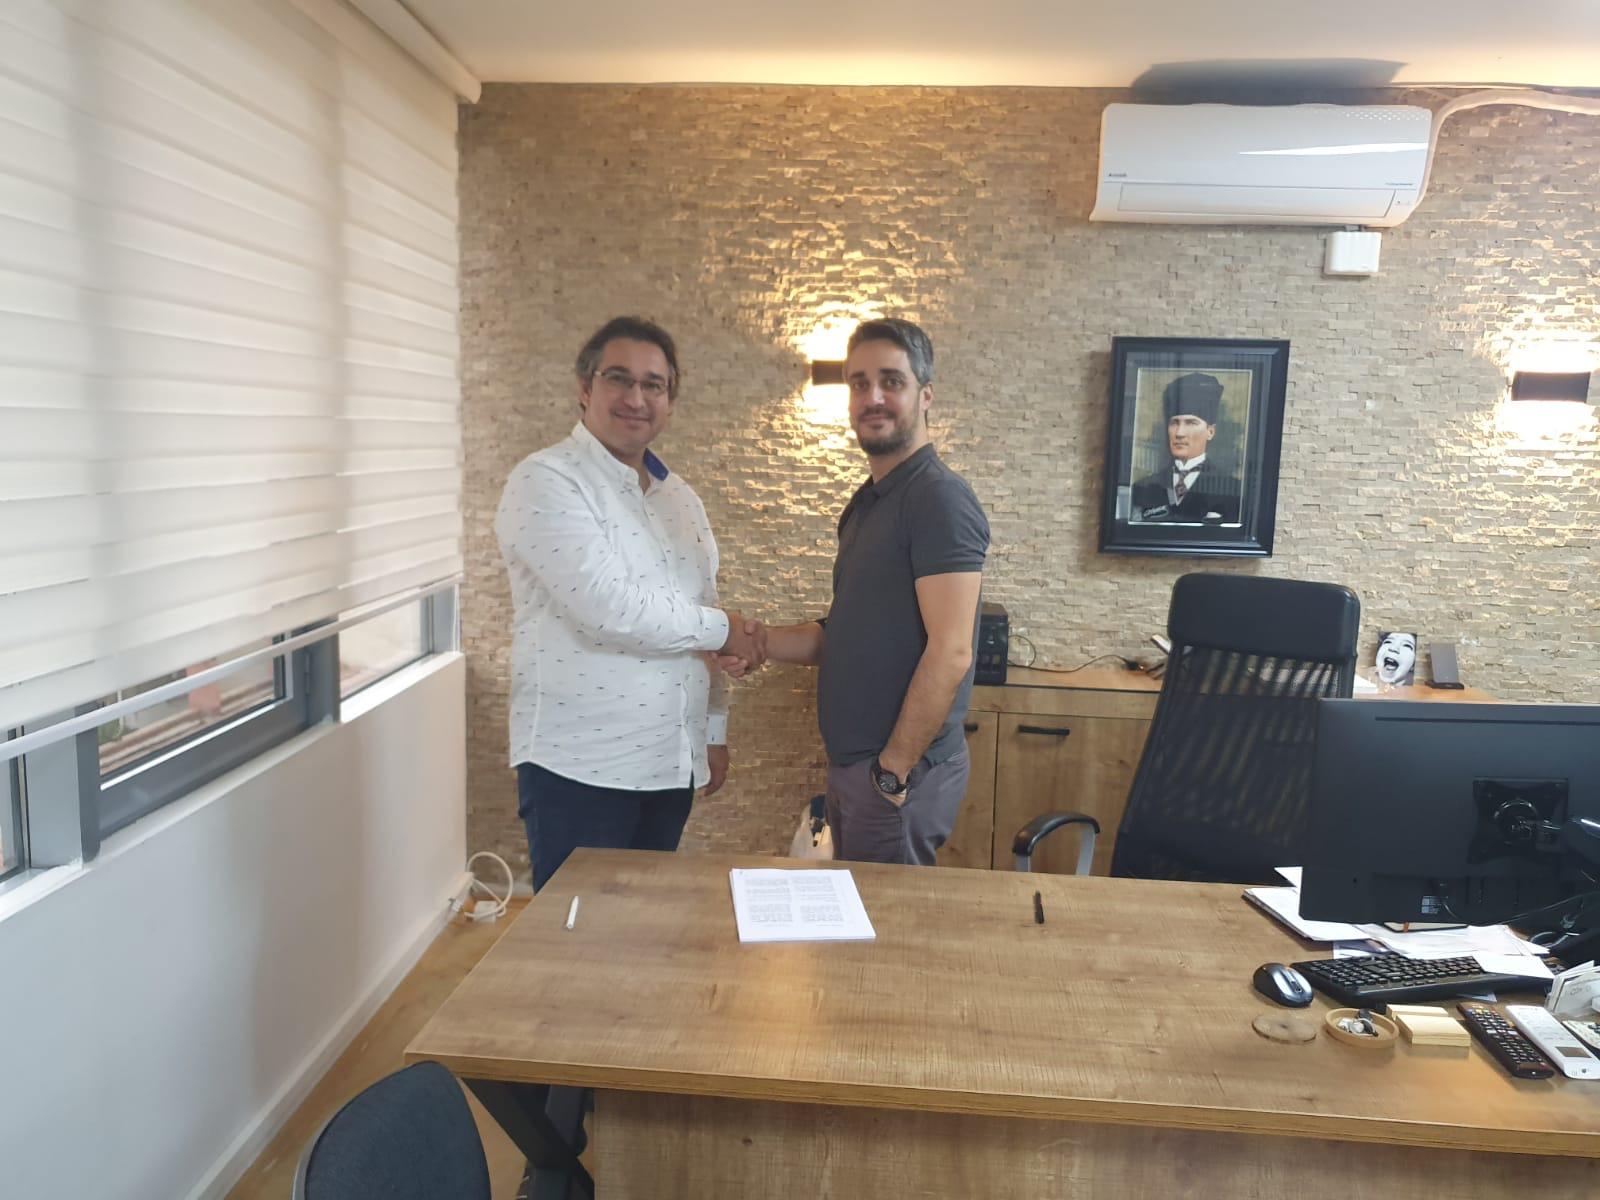 Onur Atacan and Hakan Ertemel shake hands